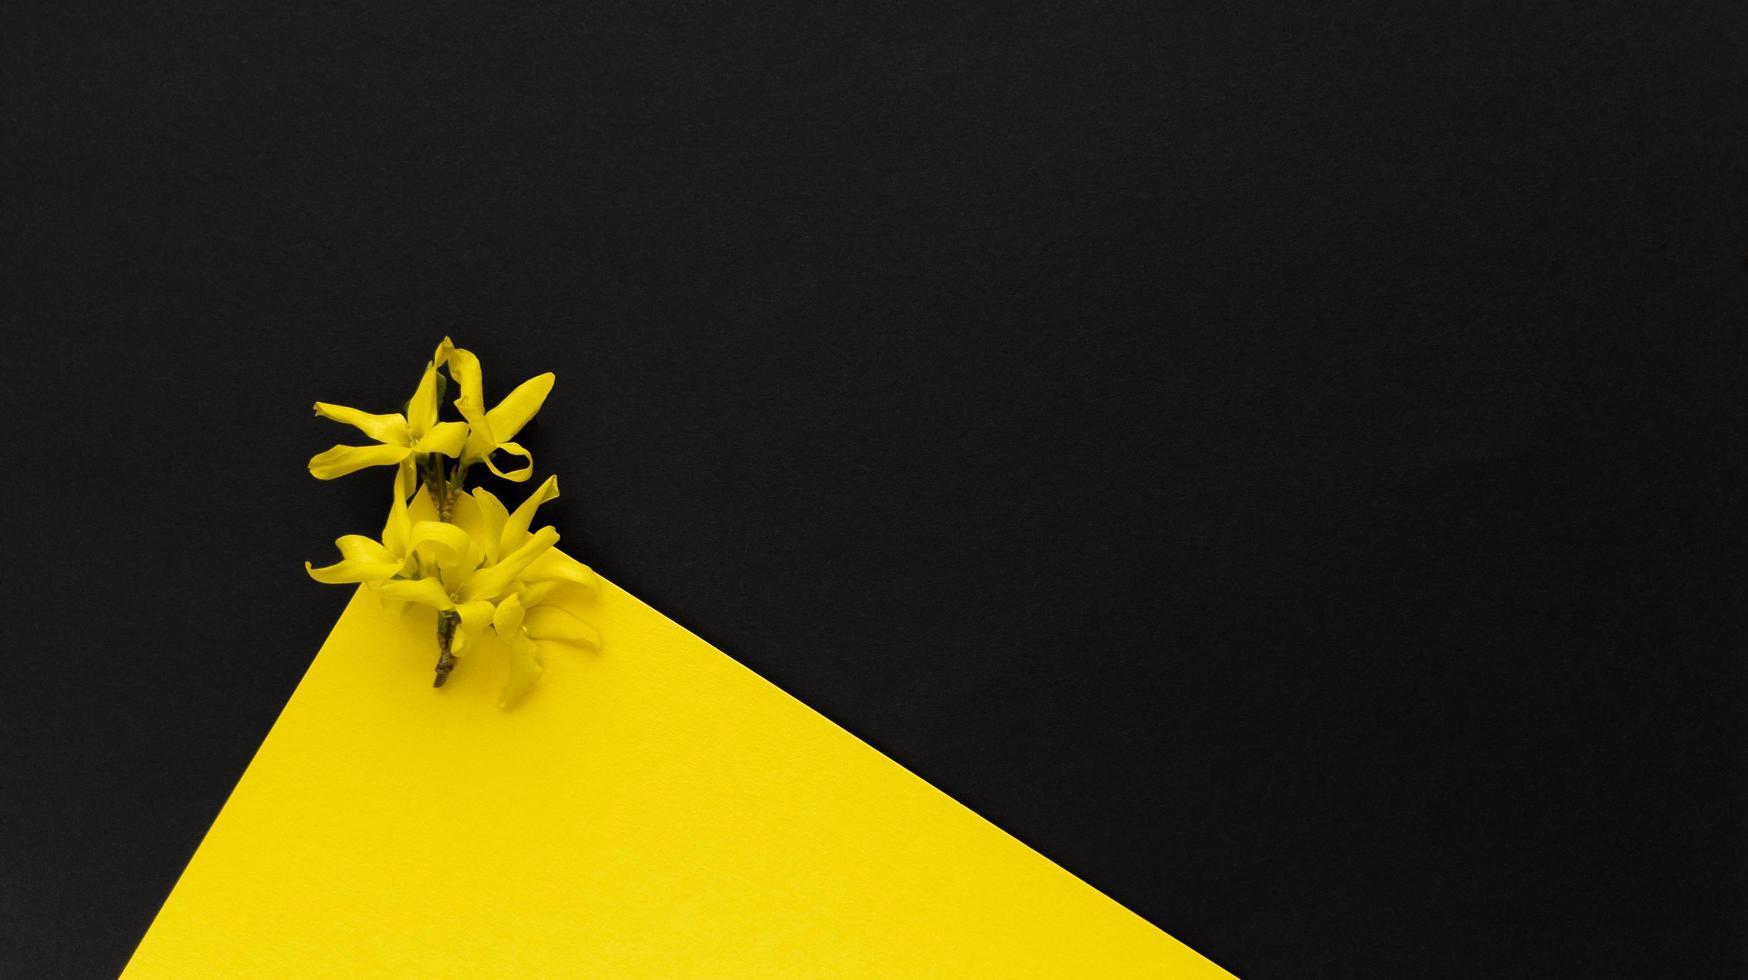 gul blomma forsythia maluch på gul och svart bakgrund. enkel platt låg med pastellstruktur och triangelform. mode ekokoncept. stock foto. foto